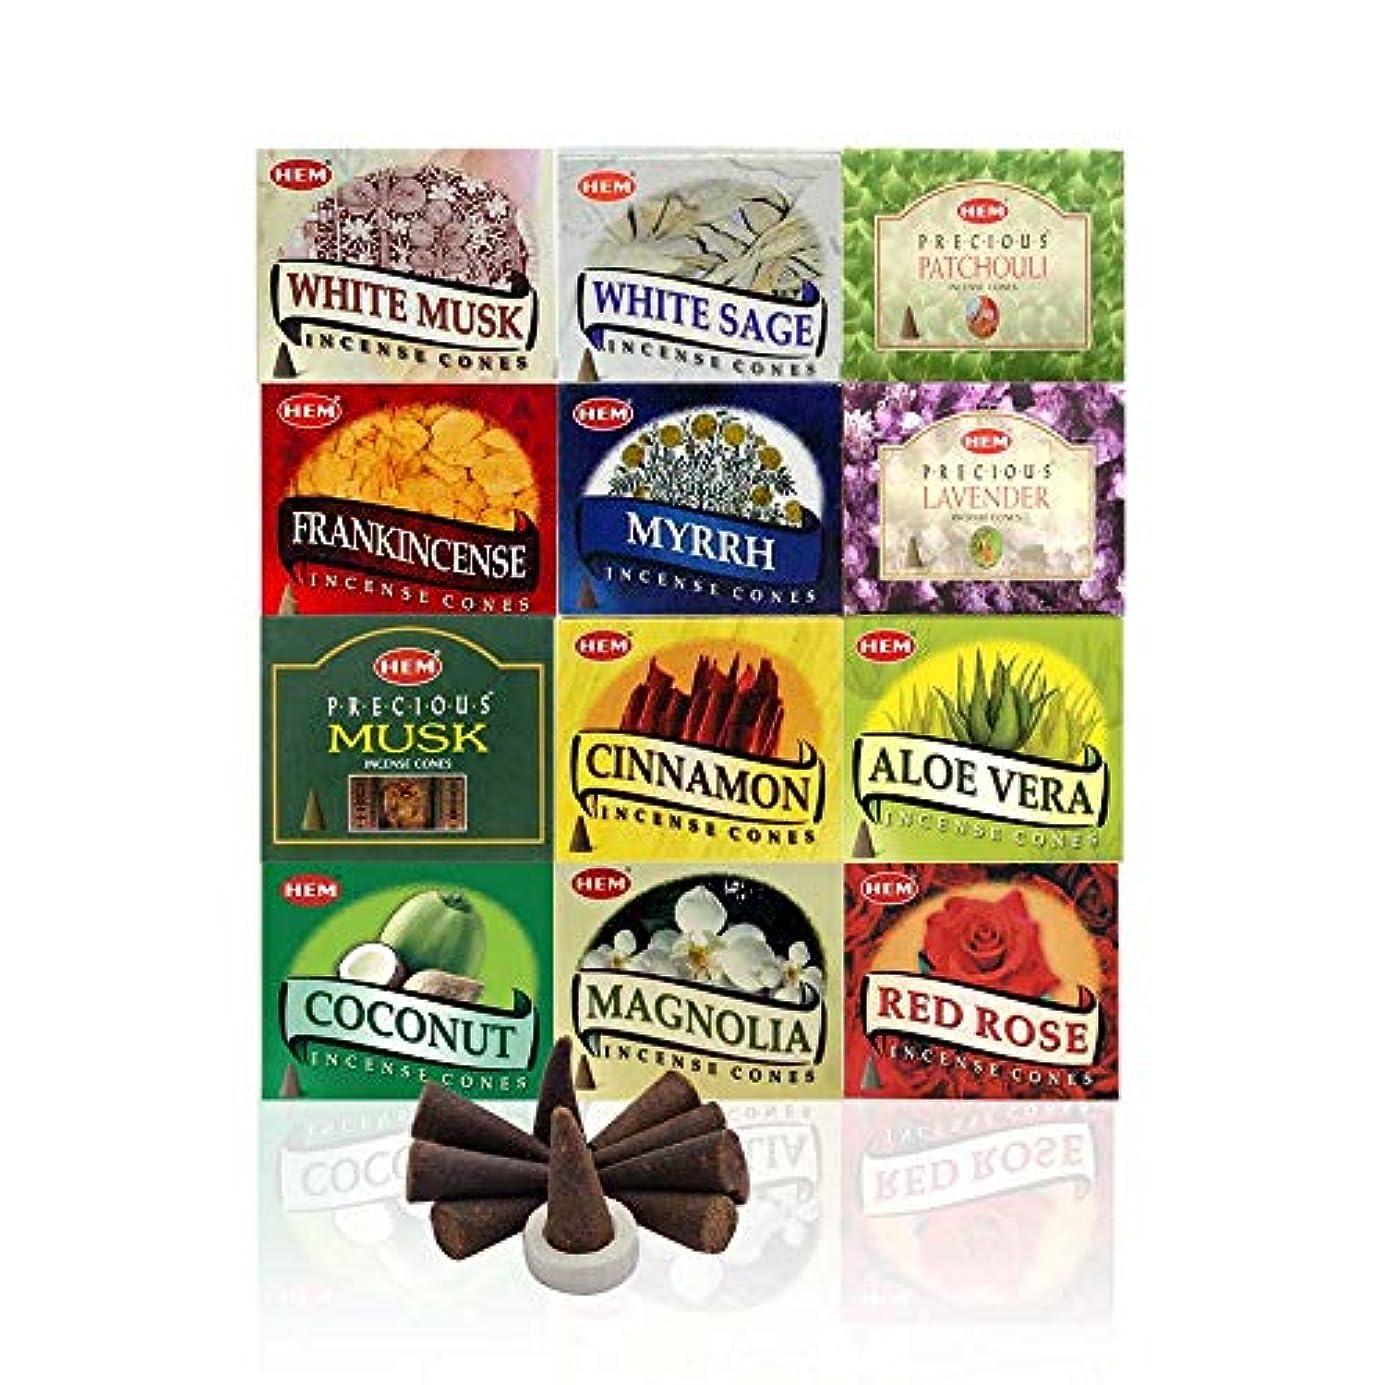 思春期のワーカー福祉12 Assorted Boxes of HEM Incense Cones, Best Sellers Set 12 X 10 (120 total)